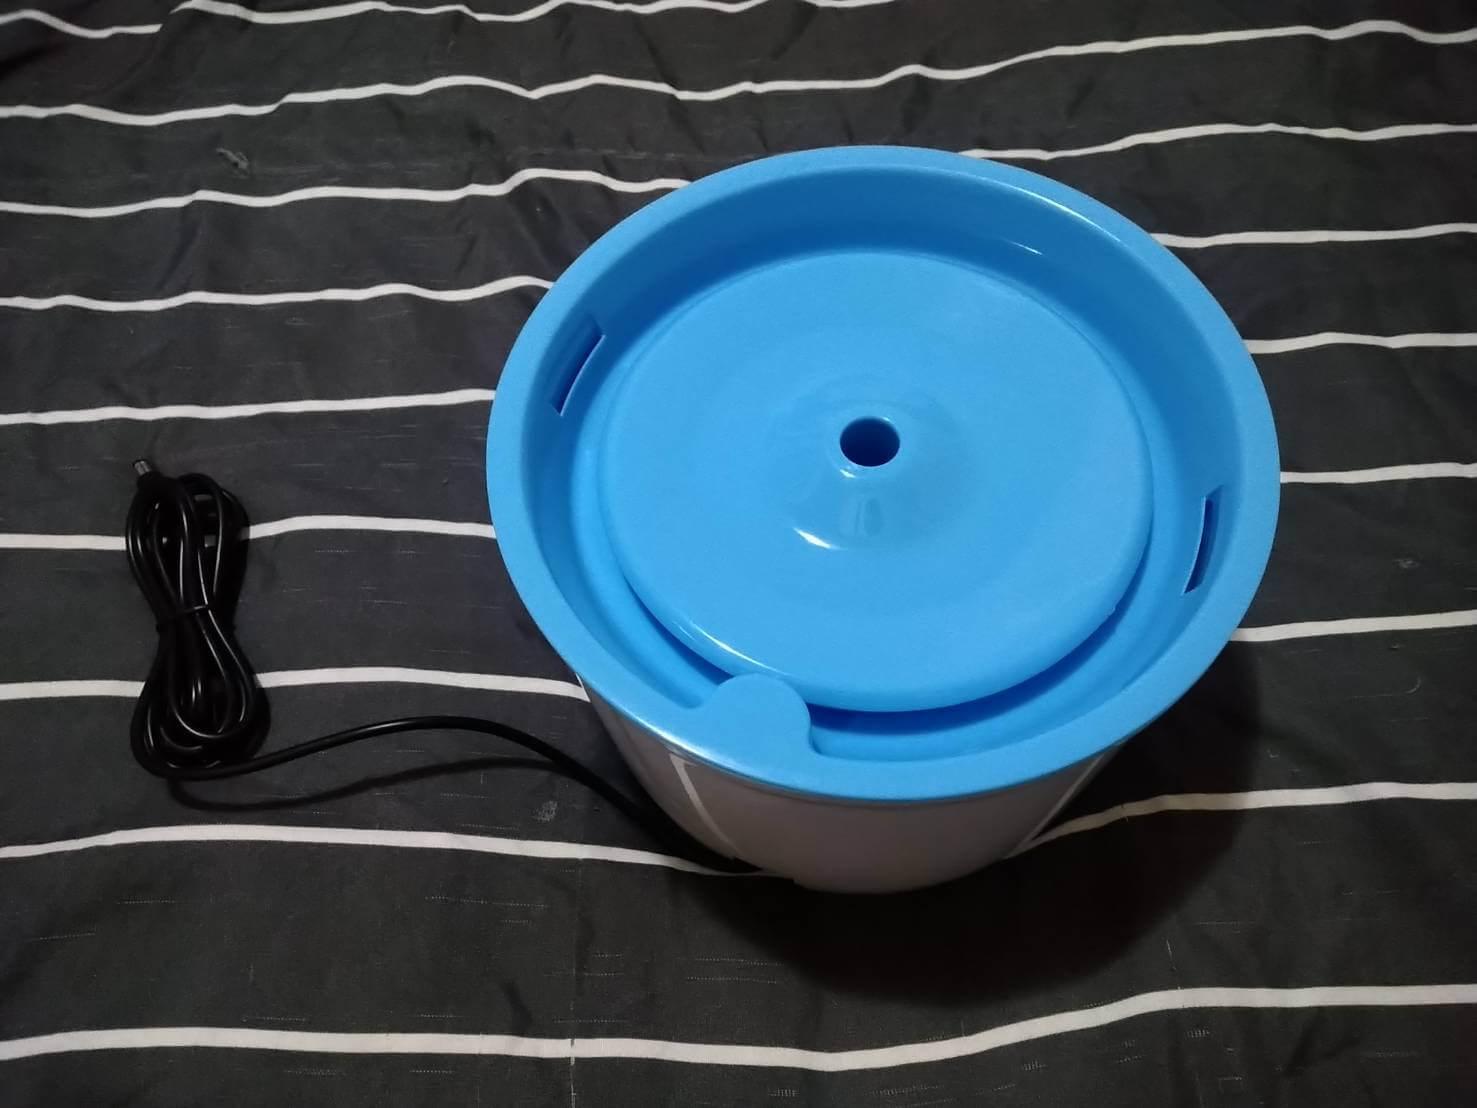 貓咪飲水機-花朵噴泉飲水機 組合飲水機主體